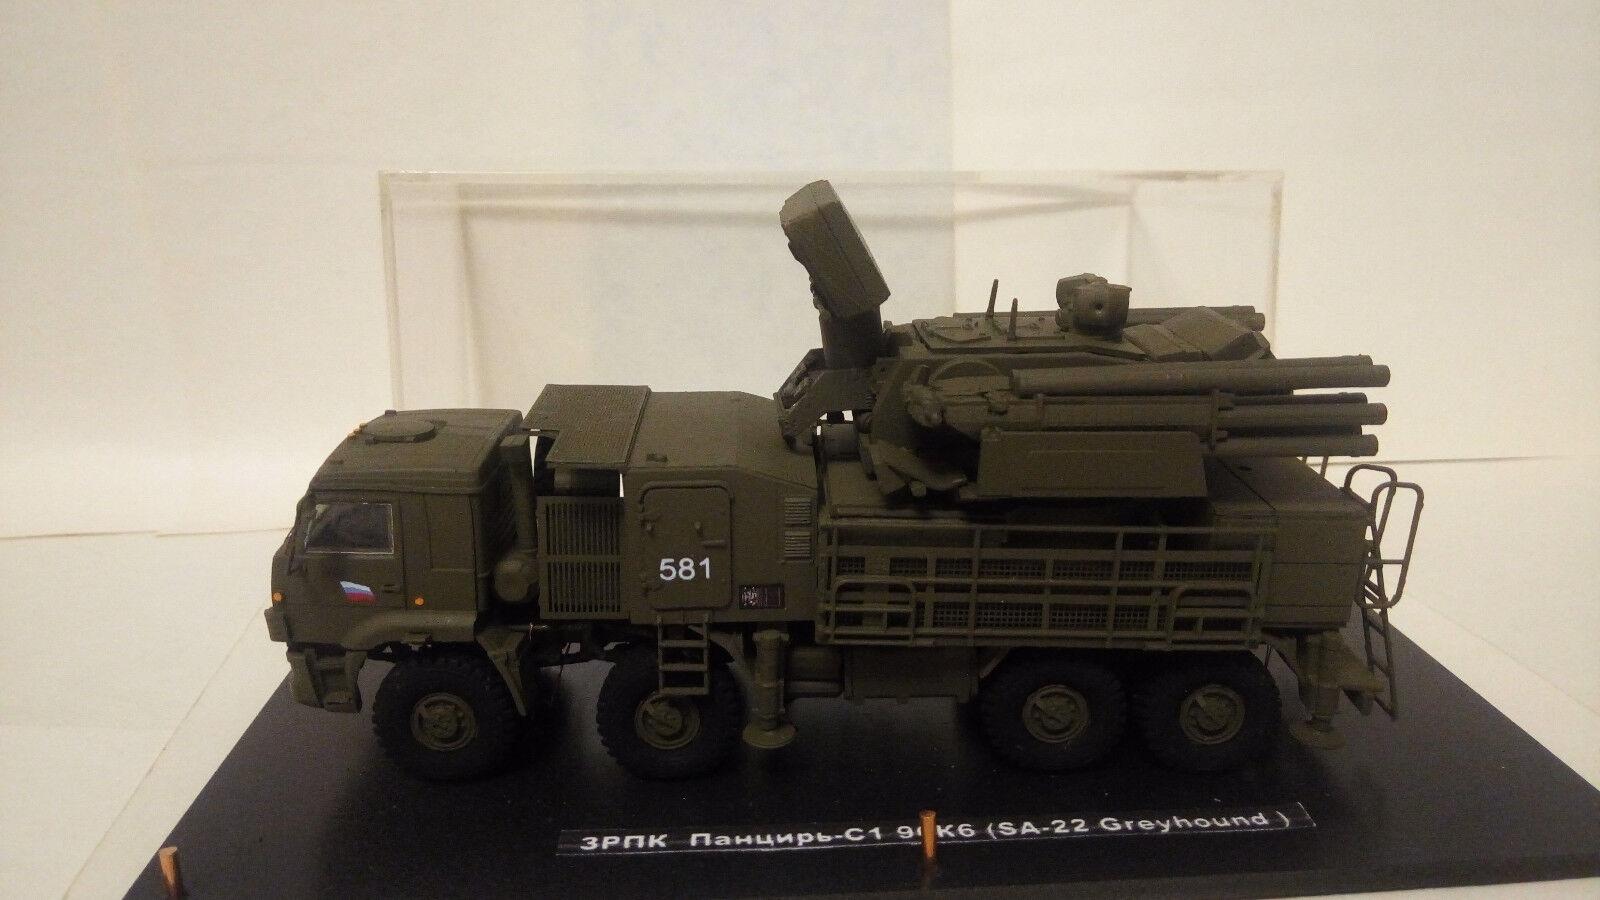 PANTSIR-C1 96K6 (SA-22 Greyhound ) système mobile de défense antiaérien(1/72)